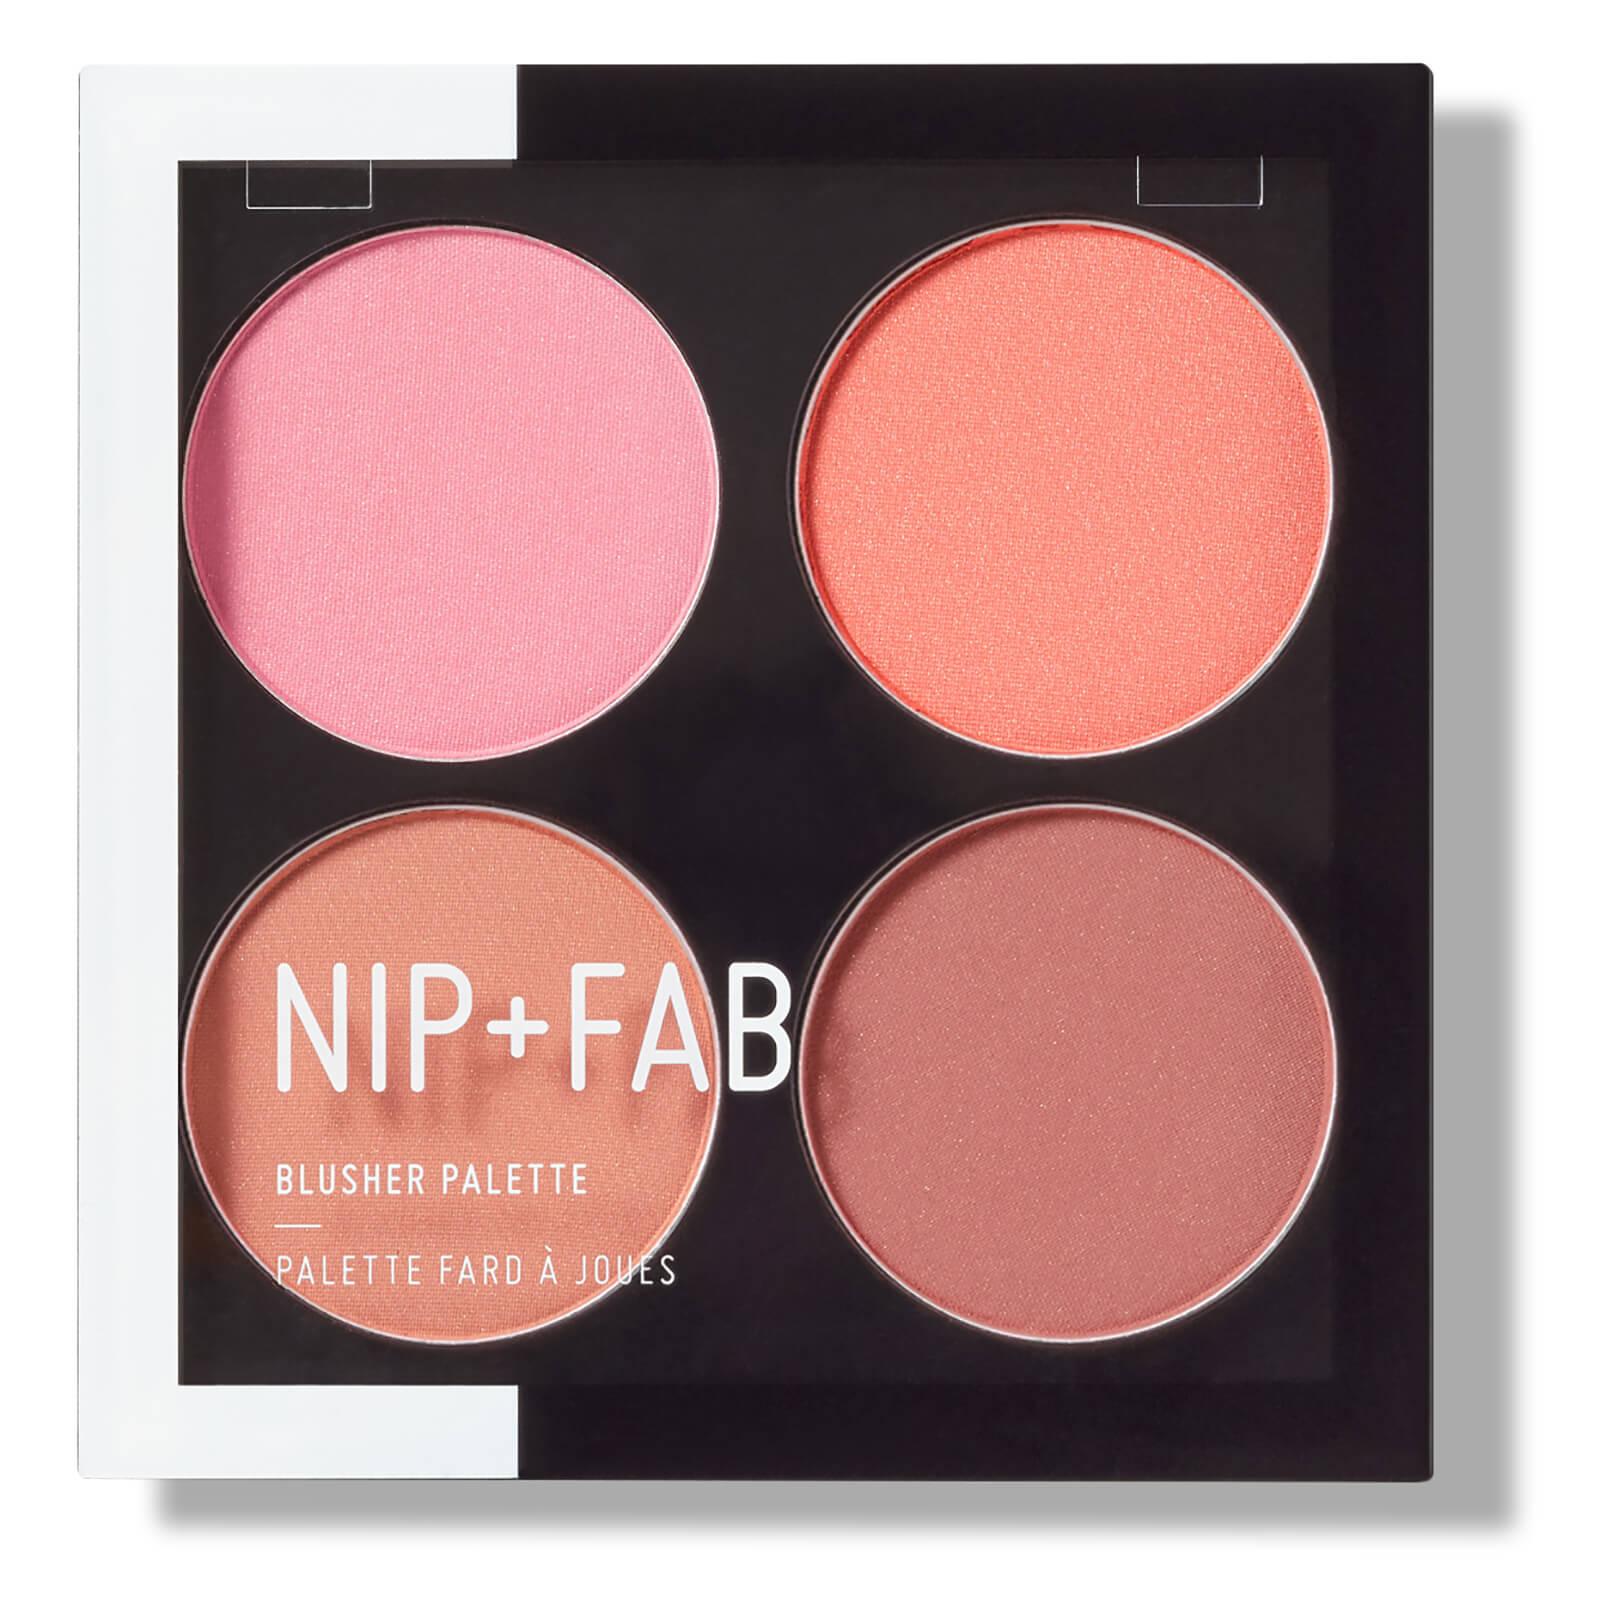 NIP+FAB Make Up Blusher Palette Blushed 15.2g